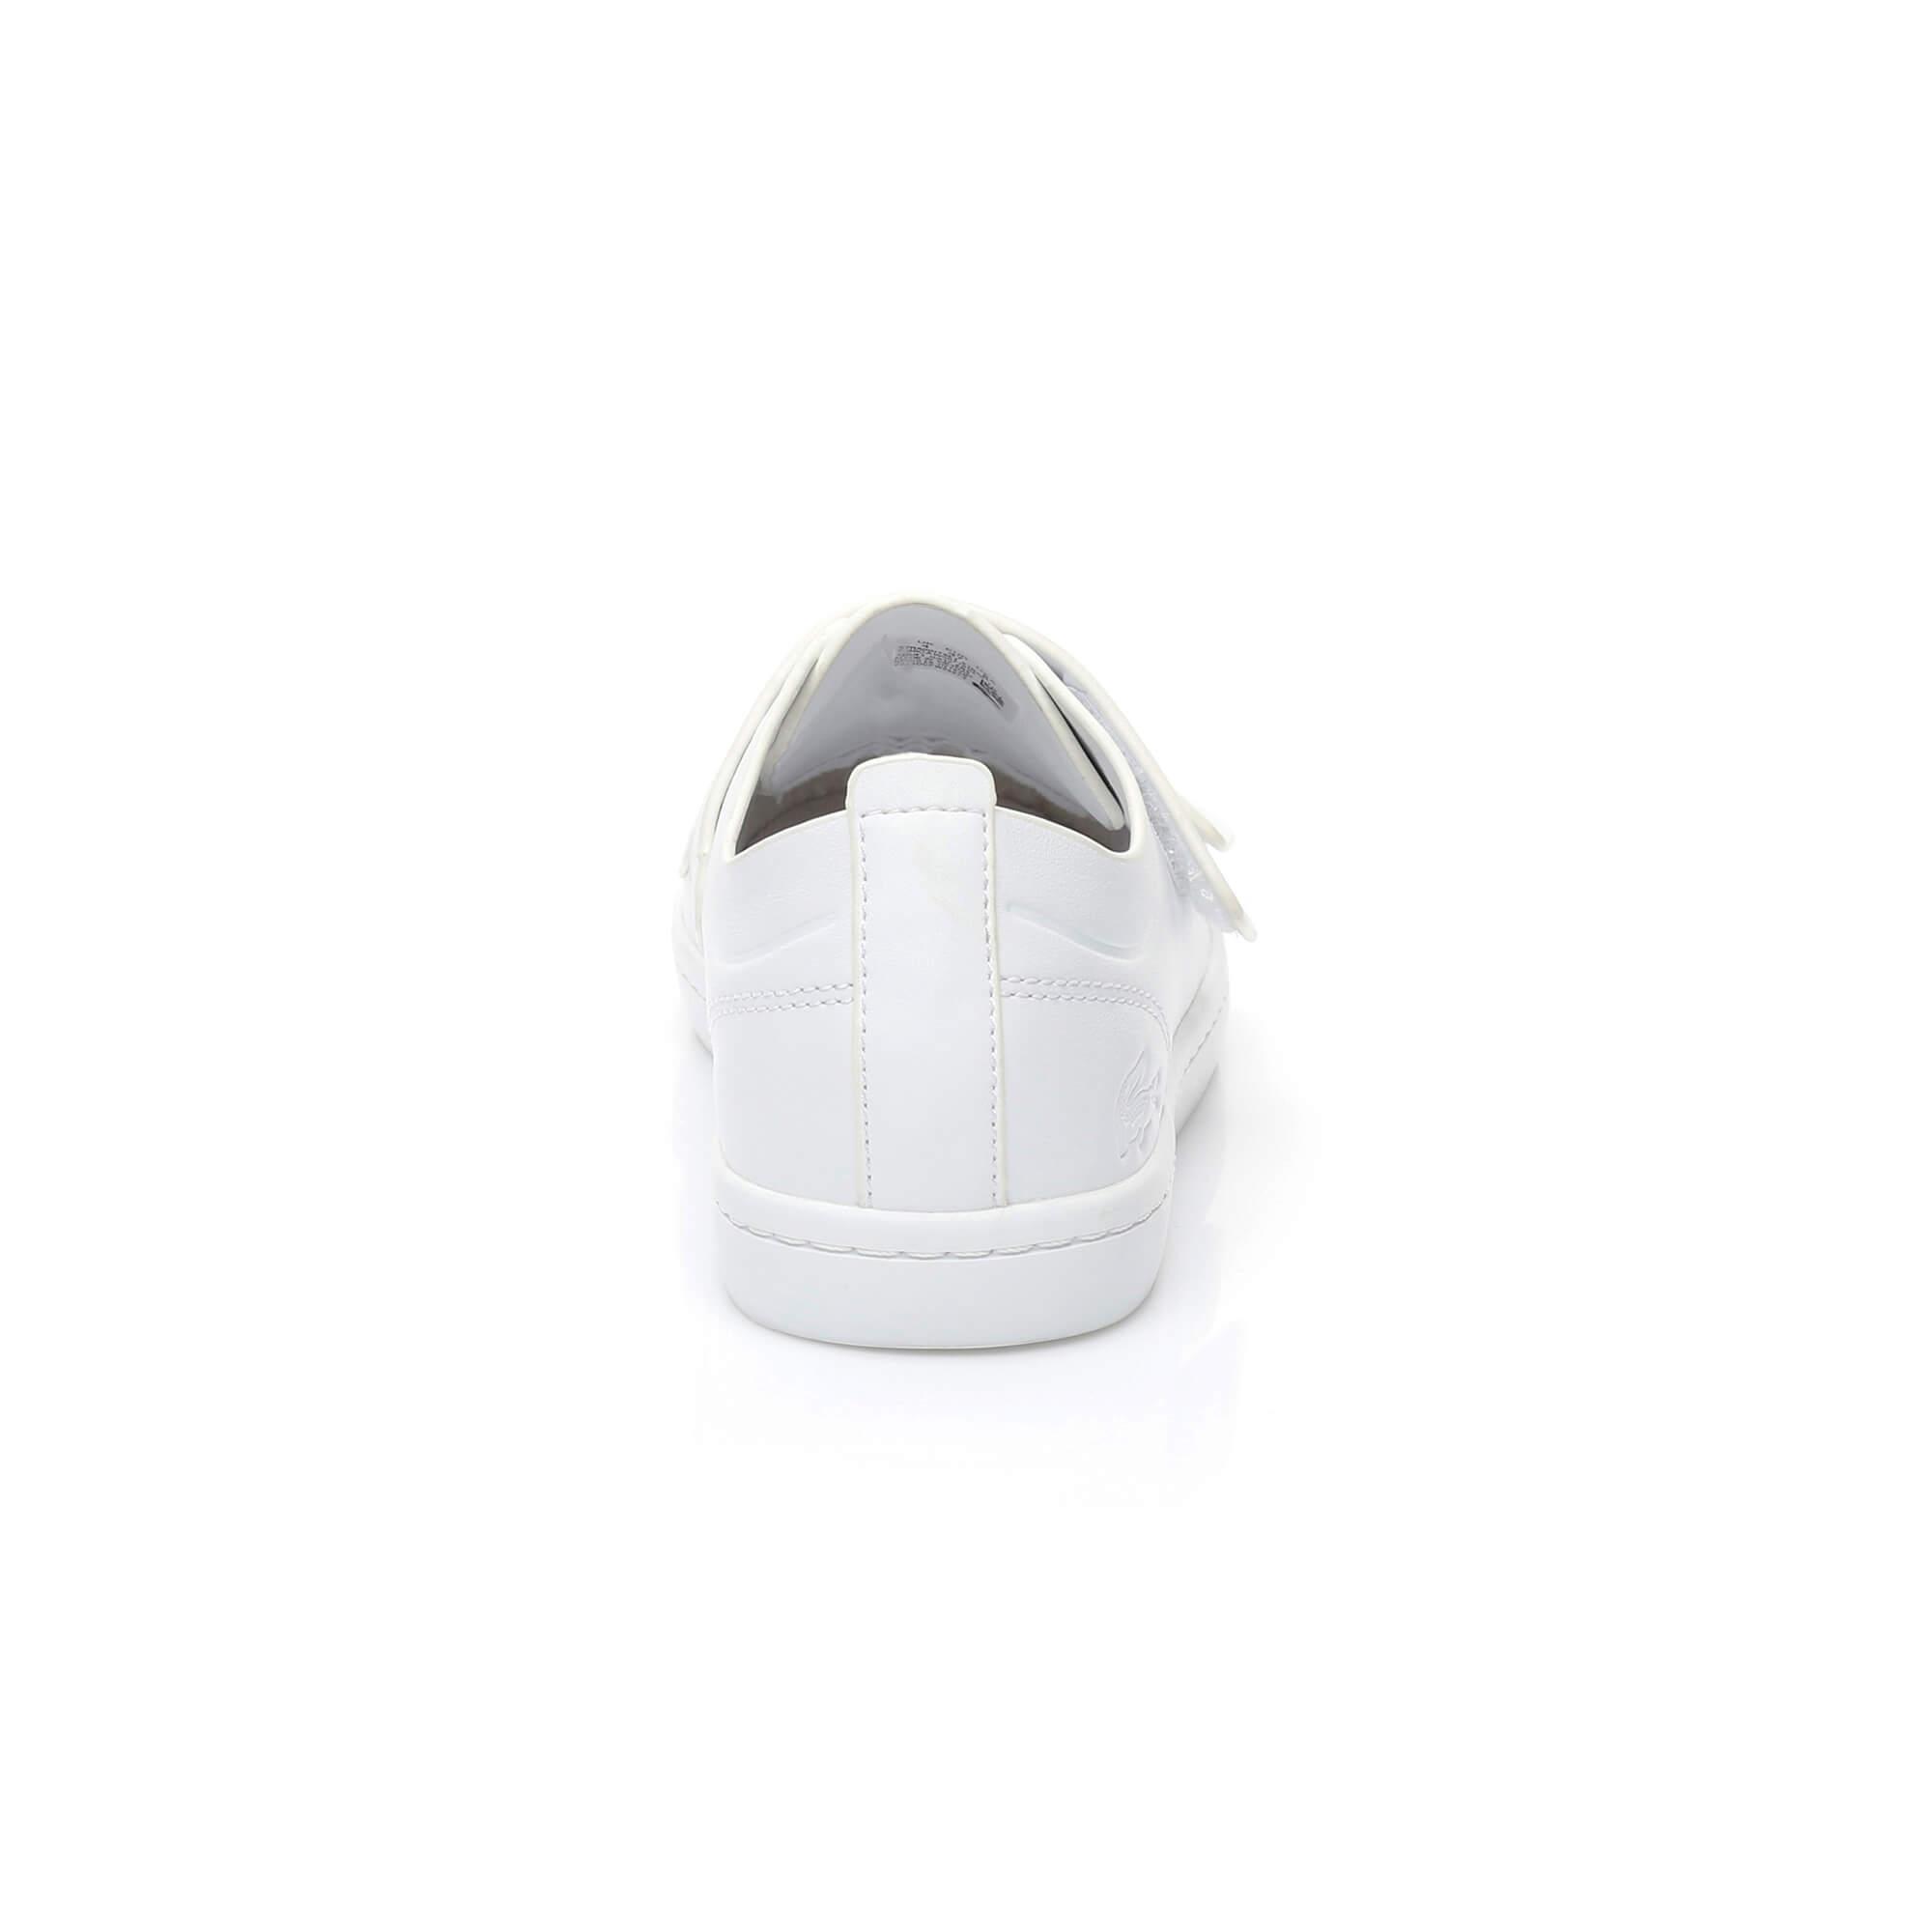 Lacoste Straightset Strap Kadın Sneaker